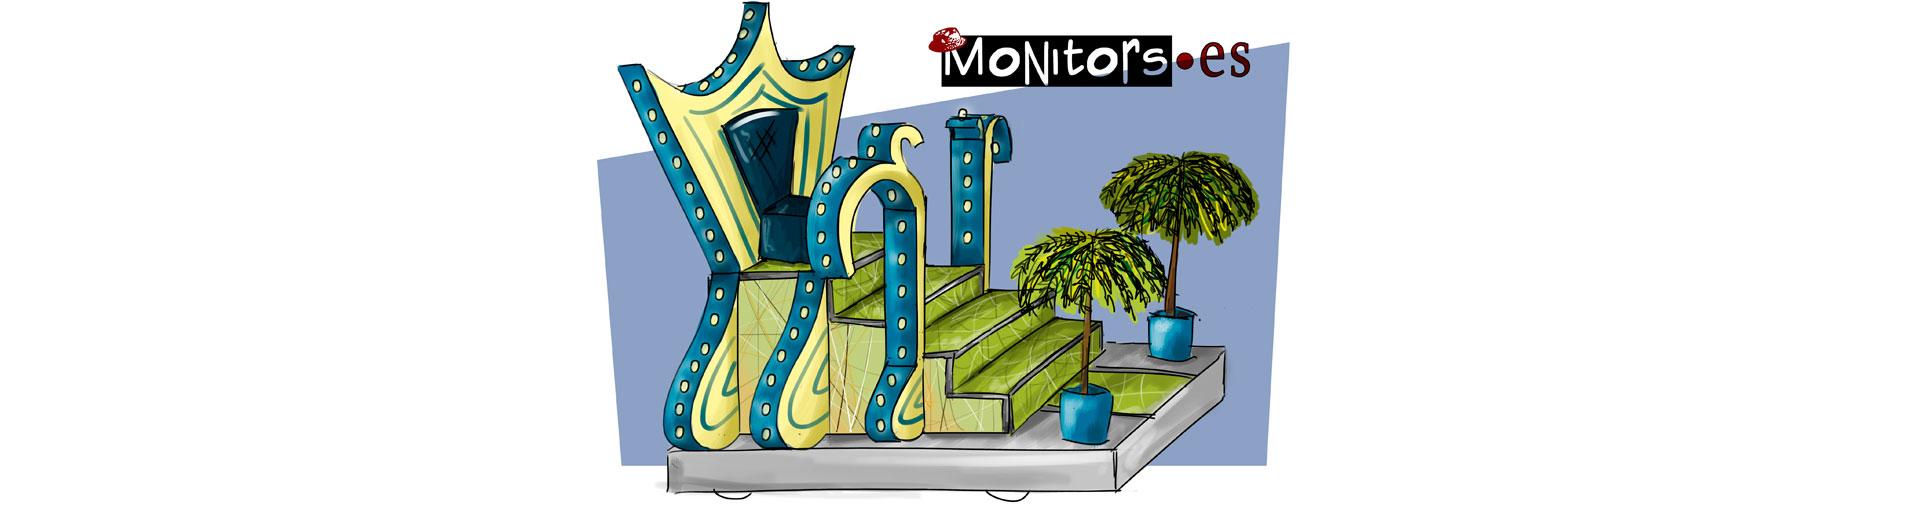 carrozas-monitors